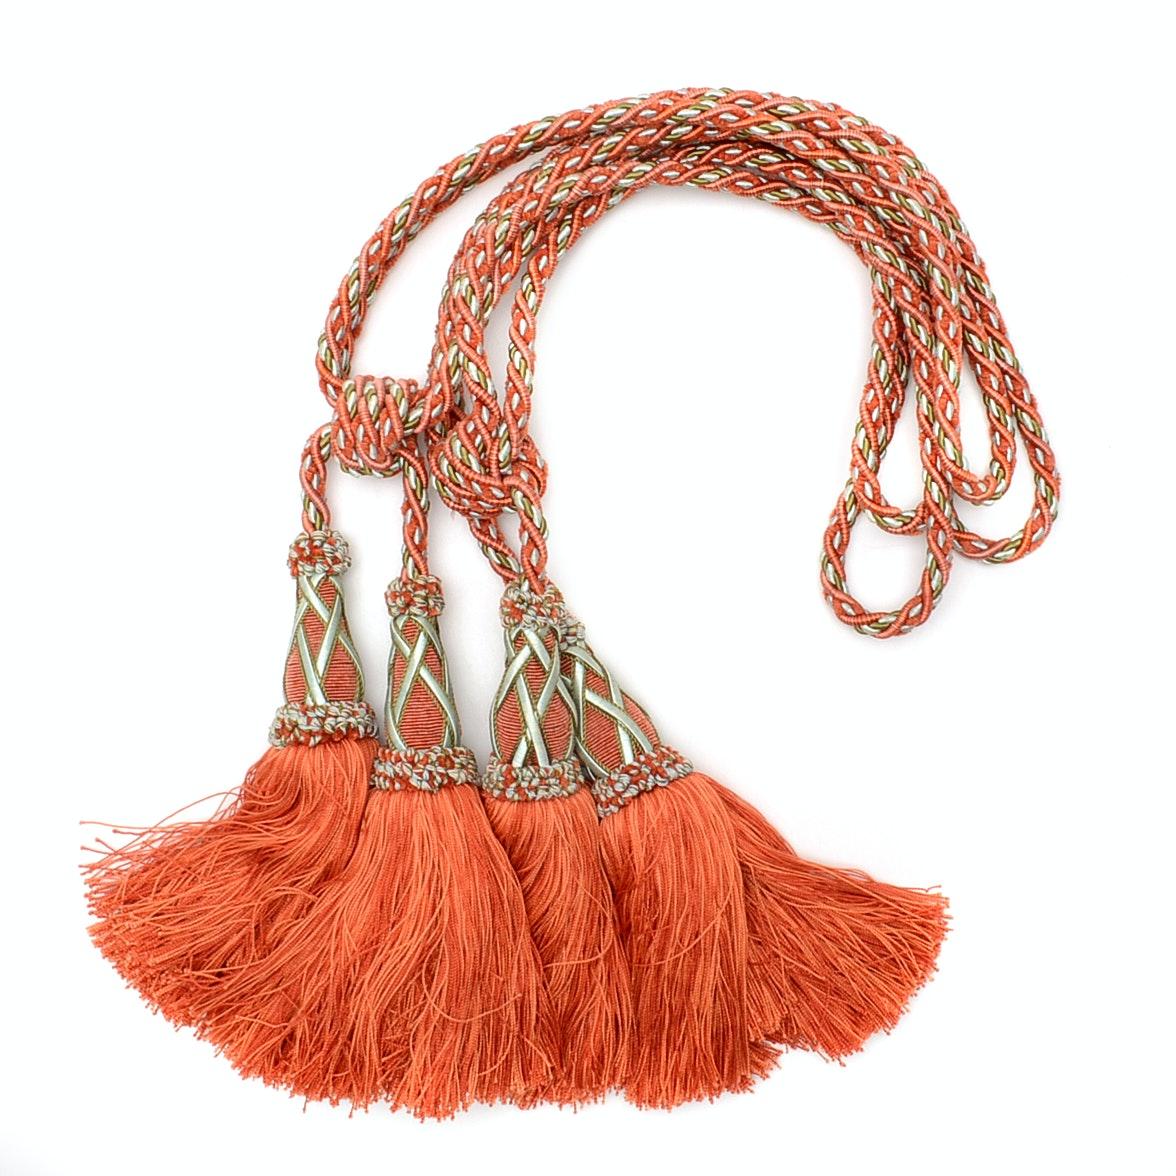 Fancy Drapery Tie Back Cords With Tassels